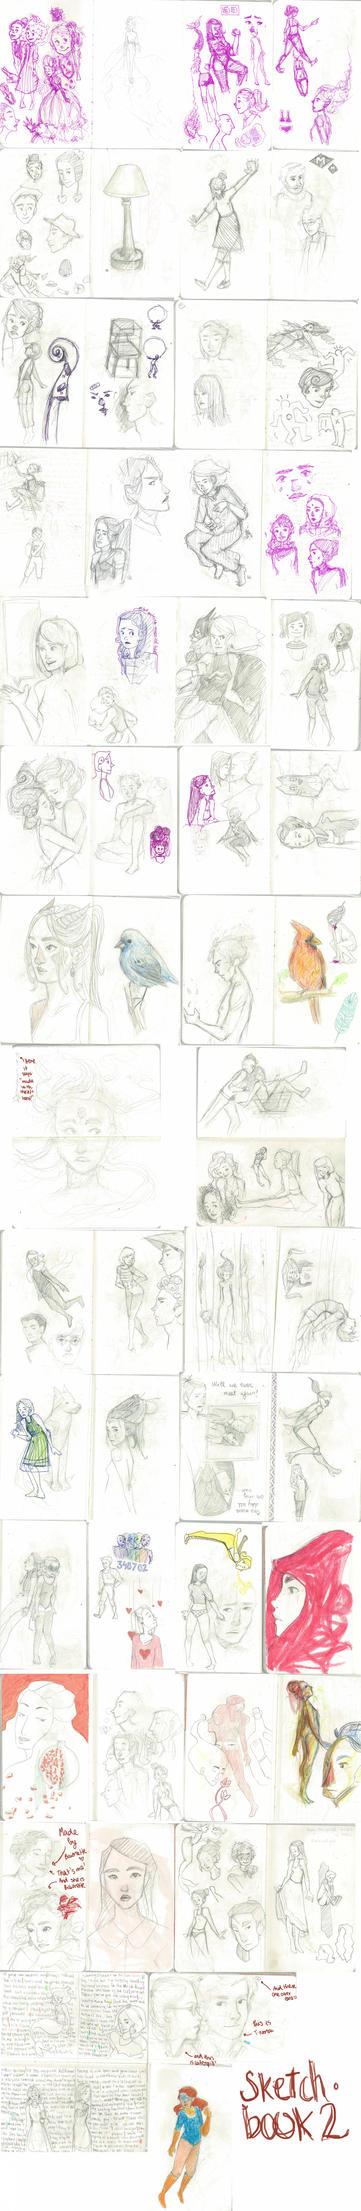 Sketchbook2 The return! by ladybugging